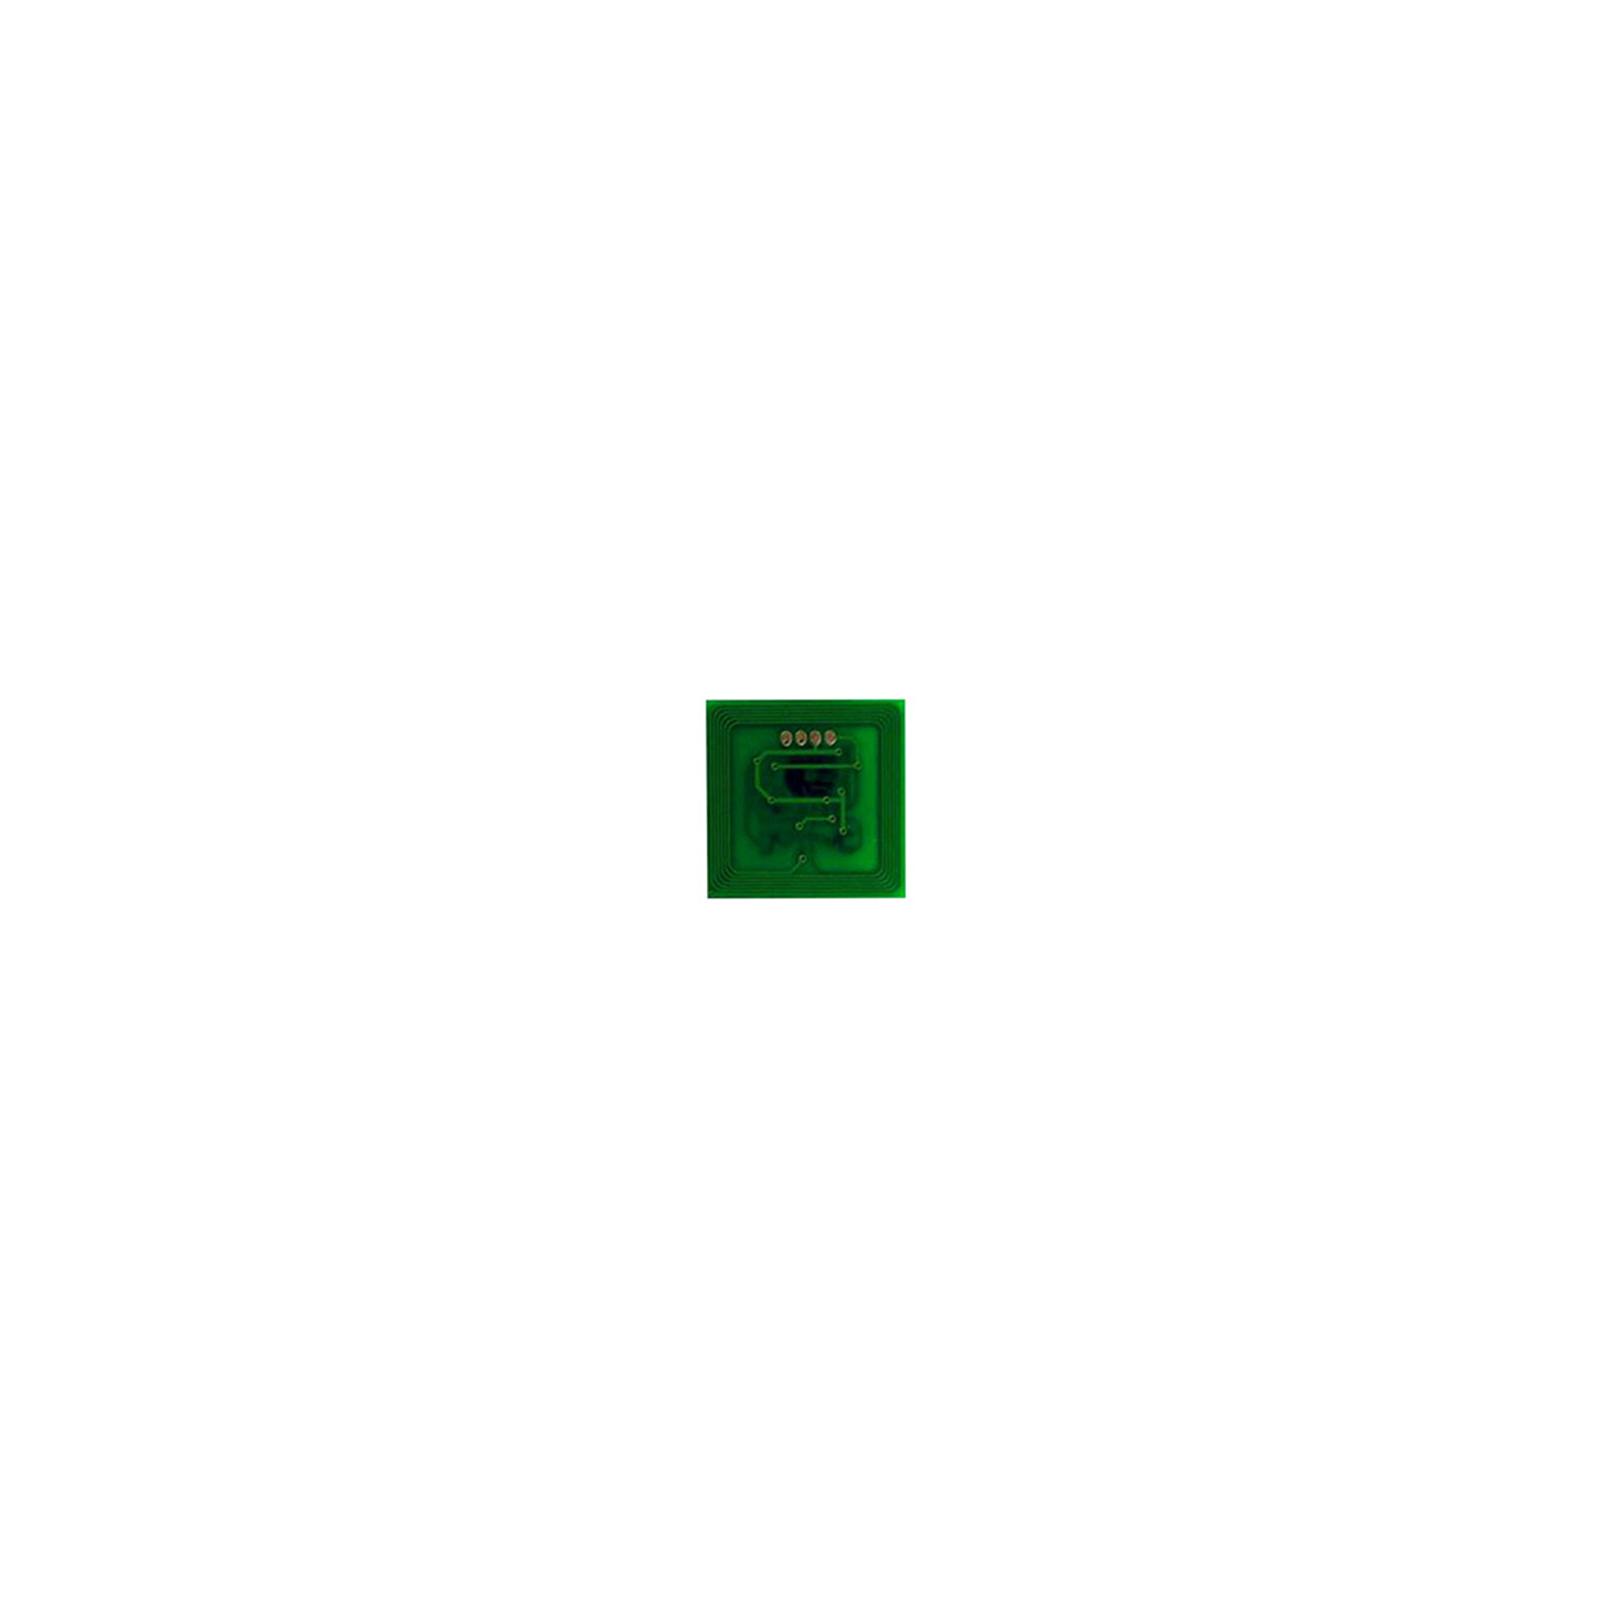 Чип для картриджа XeroxWC5222 (101R00434) 50k Static Control (X5222DUCP)